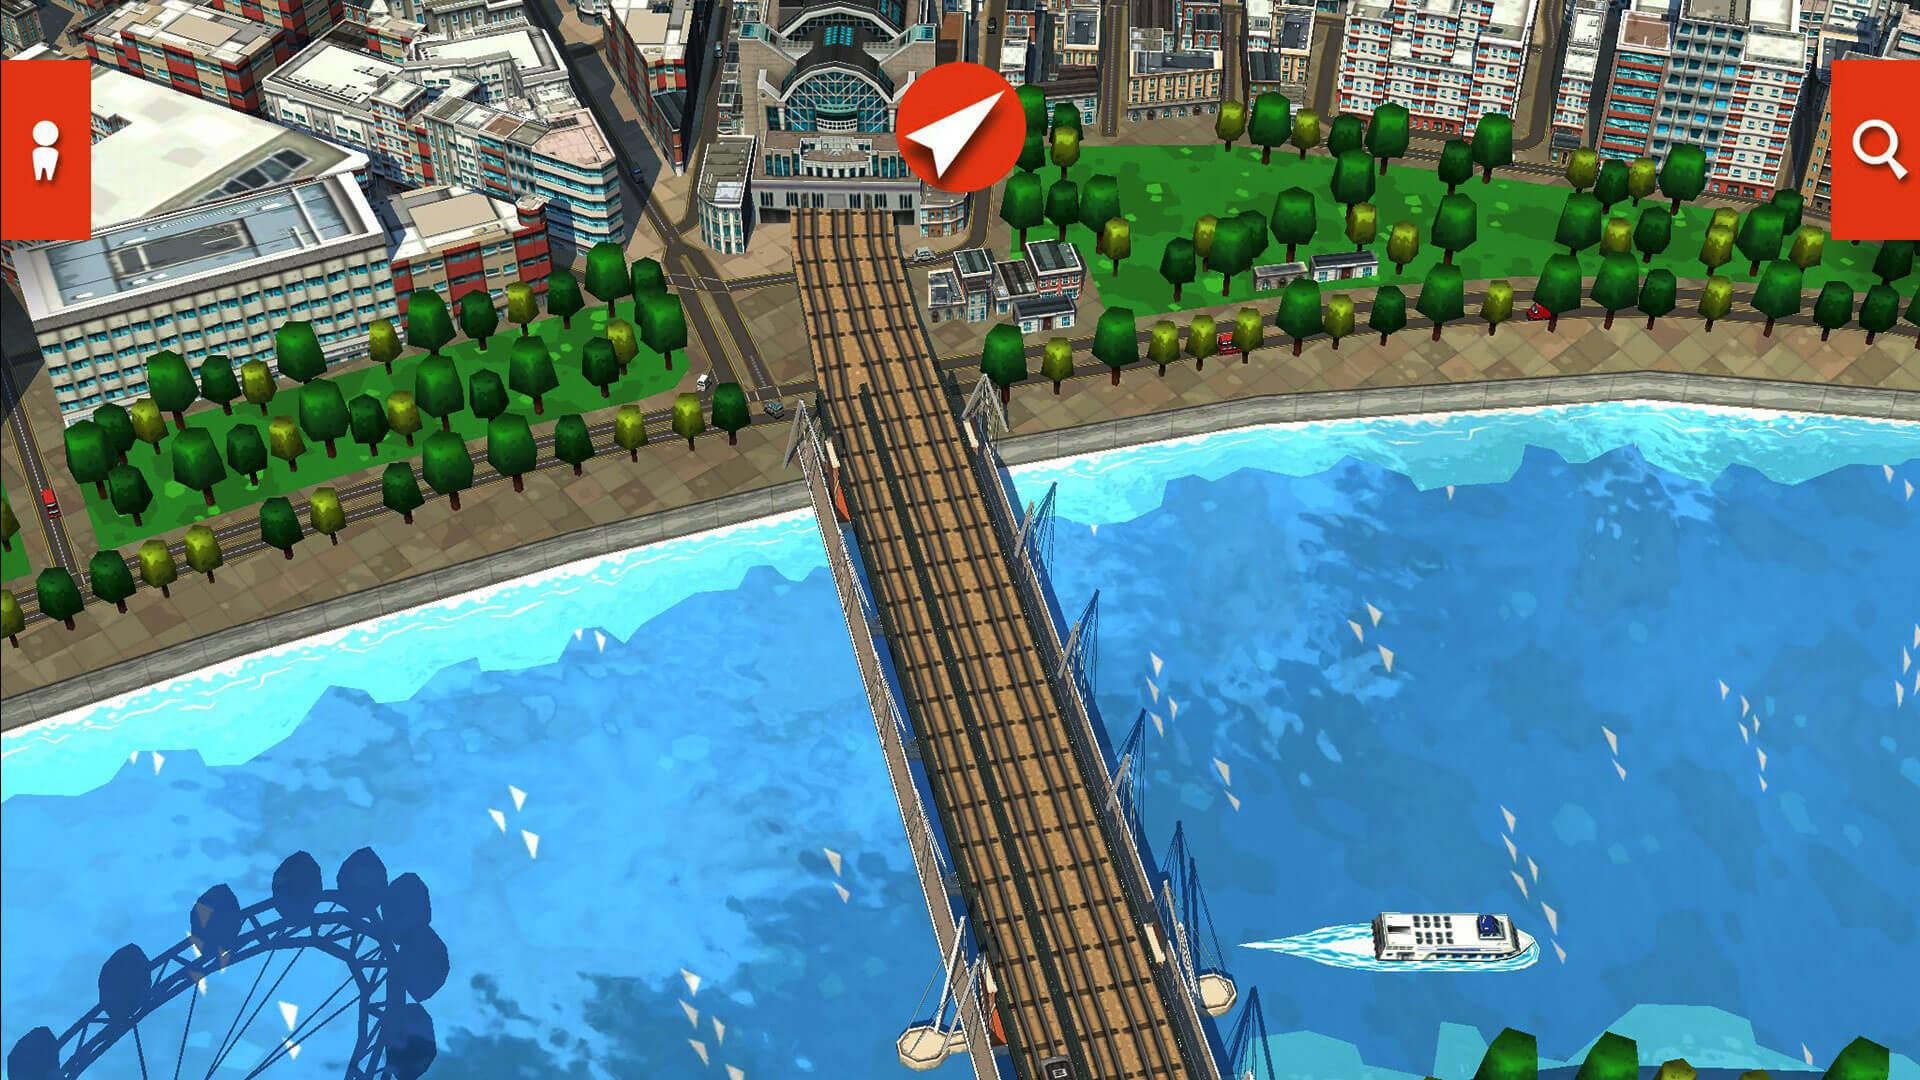 Los geniales mapas animados en 3D de Recce ya están disponibles a través del SDK